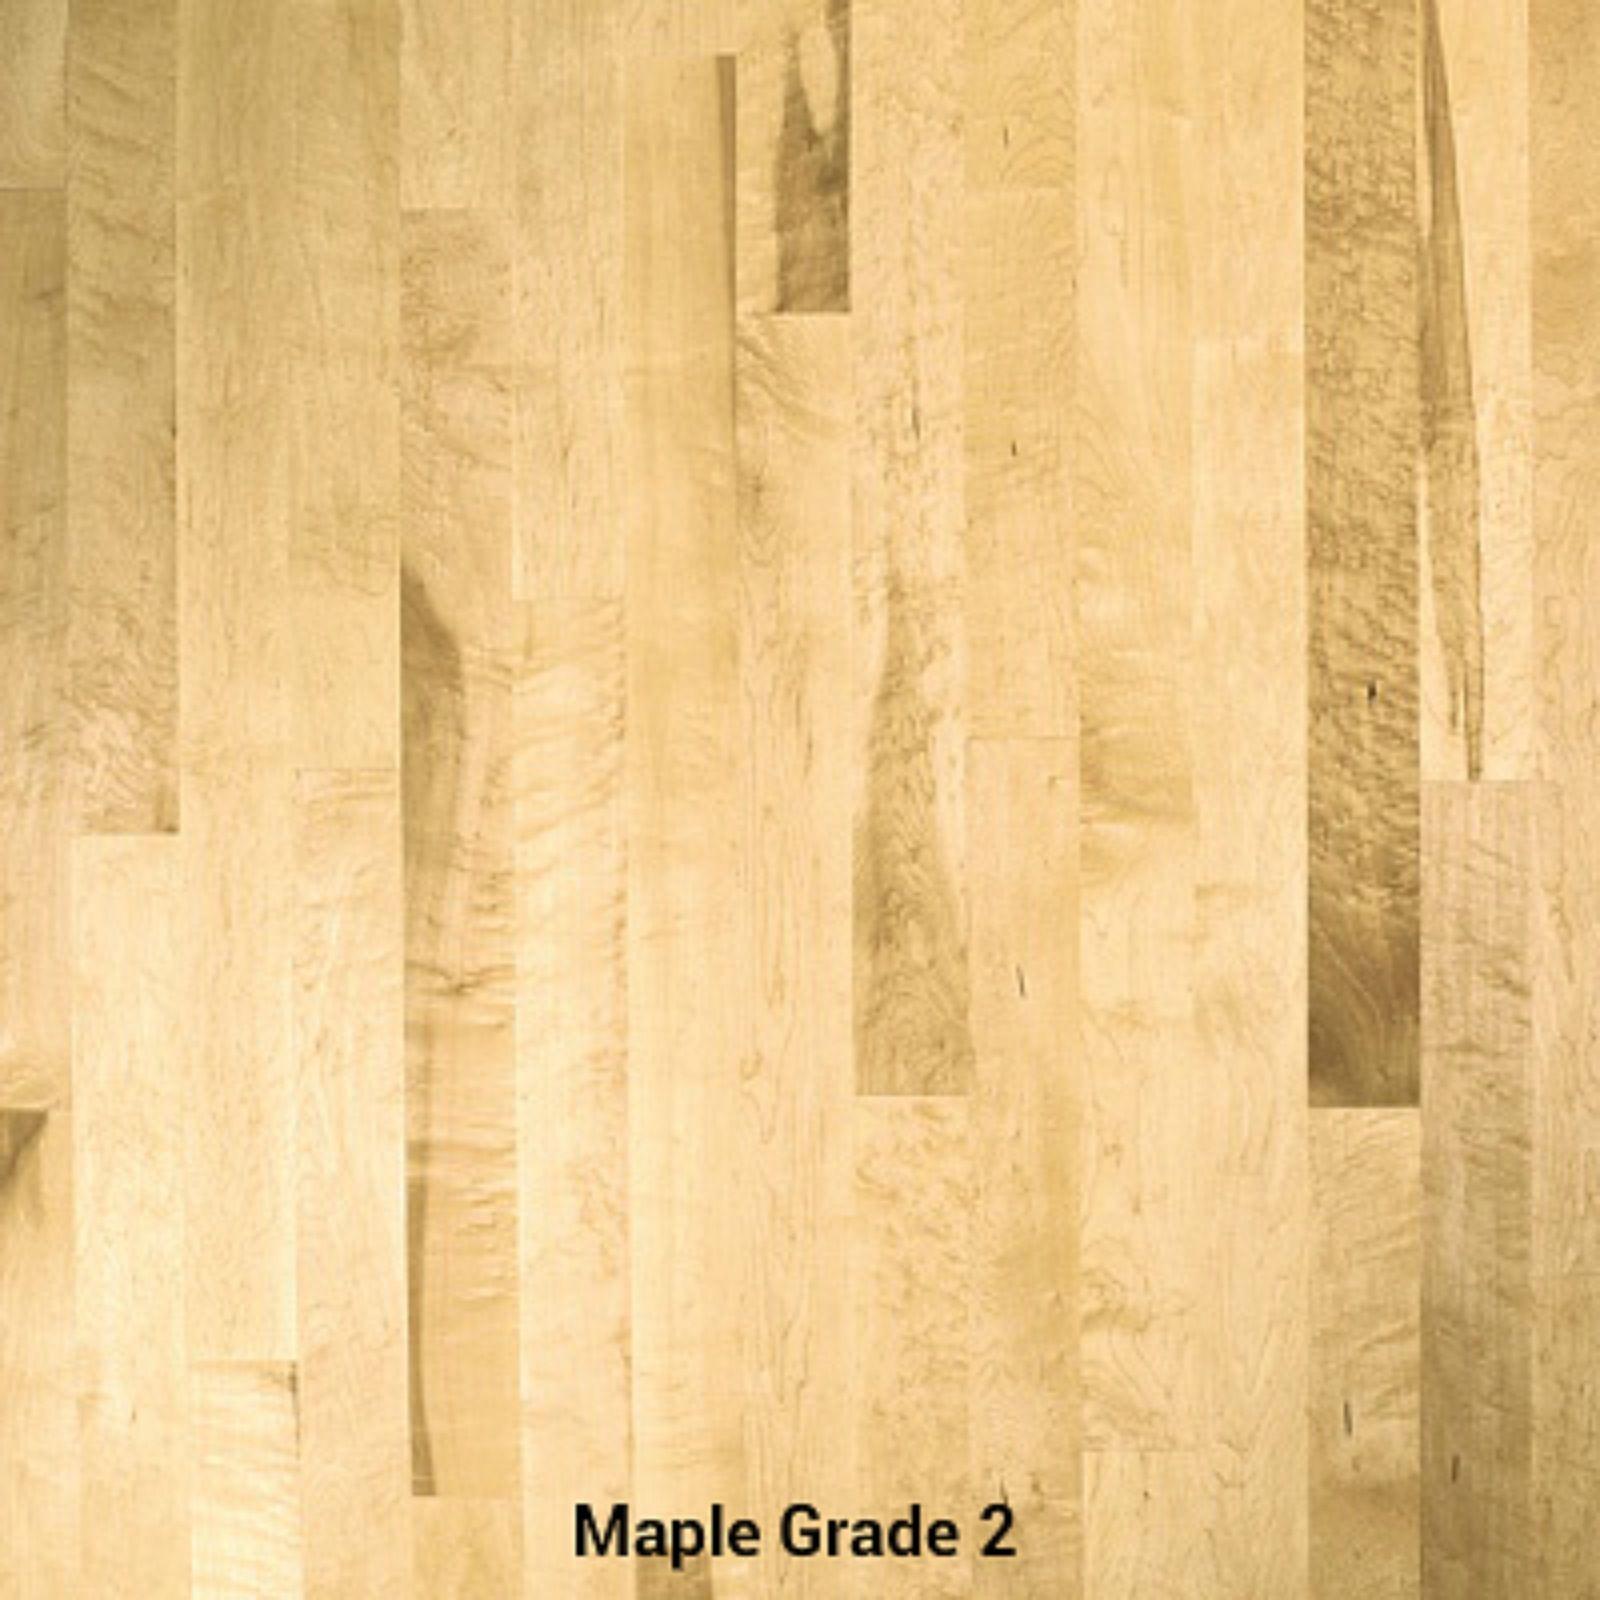 2nd Grade Maple Hardwood Flooring Hardwood floors, Maple